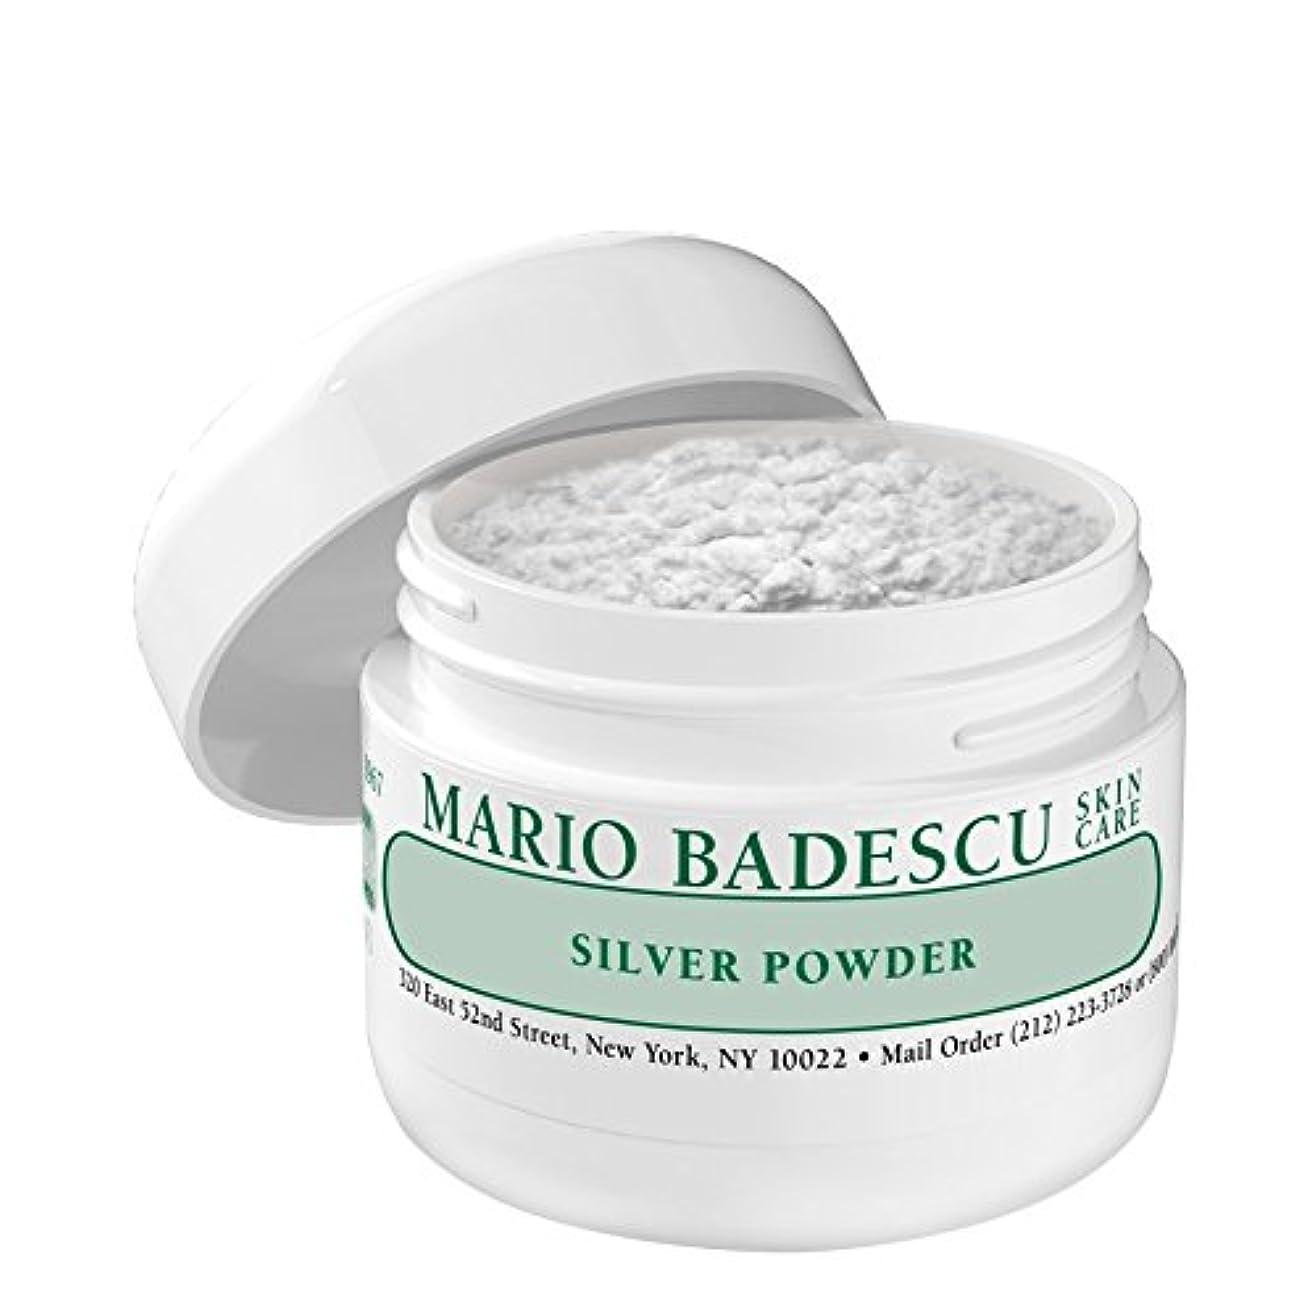 パースブラックボロウ自我ビデオマリオ?バデスキュー銀粉末 x4 - Mario Badescu Silver Powder (Pack of 4) [並行輸入品]